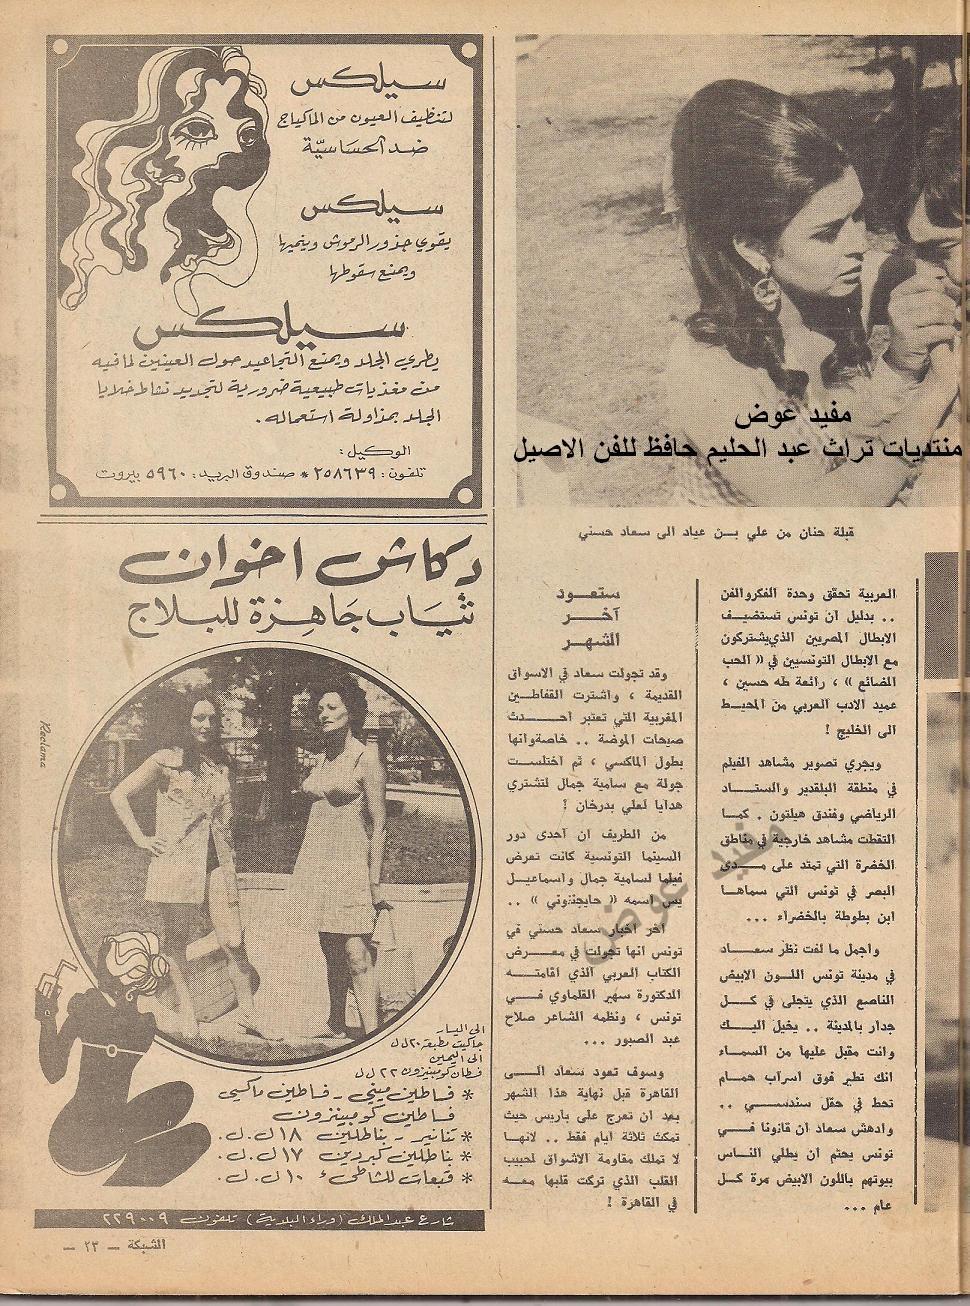 مقال - مقال صحفي : سعاد حسني في تونس والقلب في القاهرة 1970 م 468